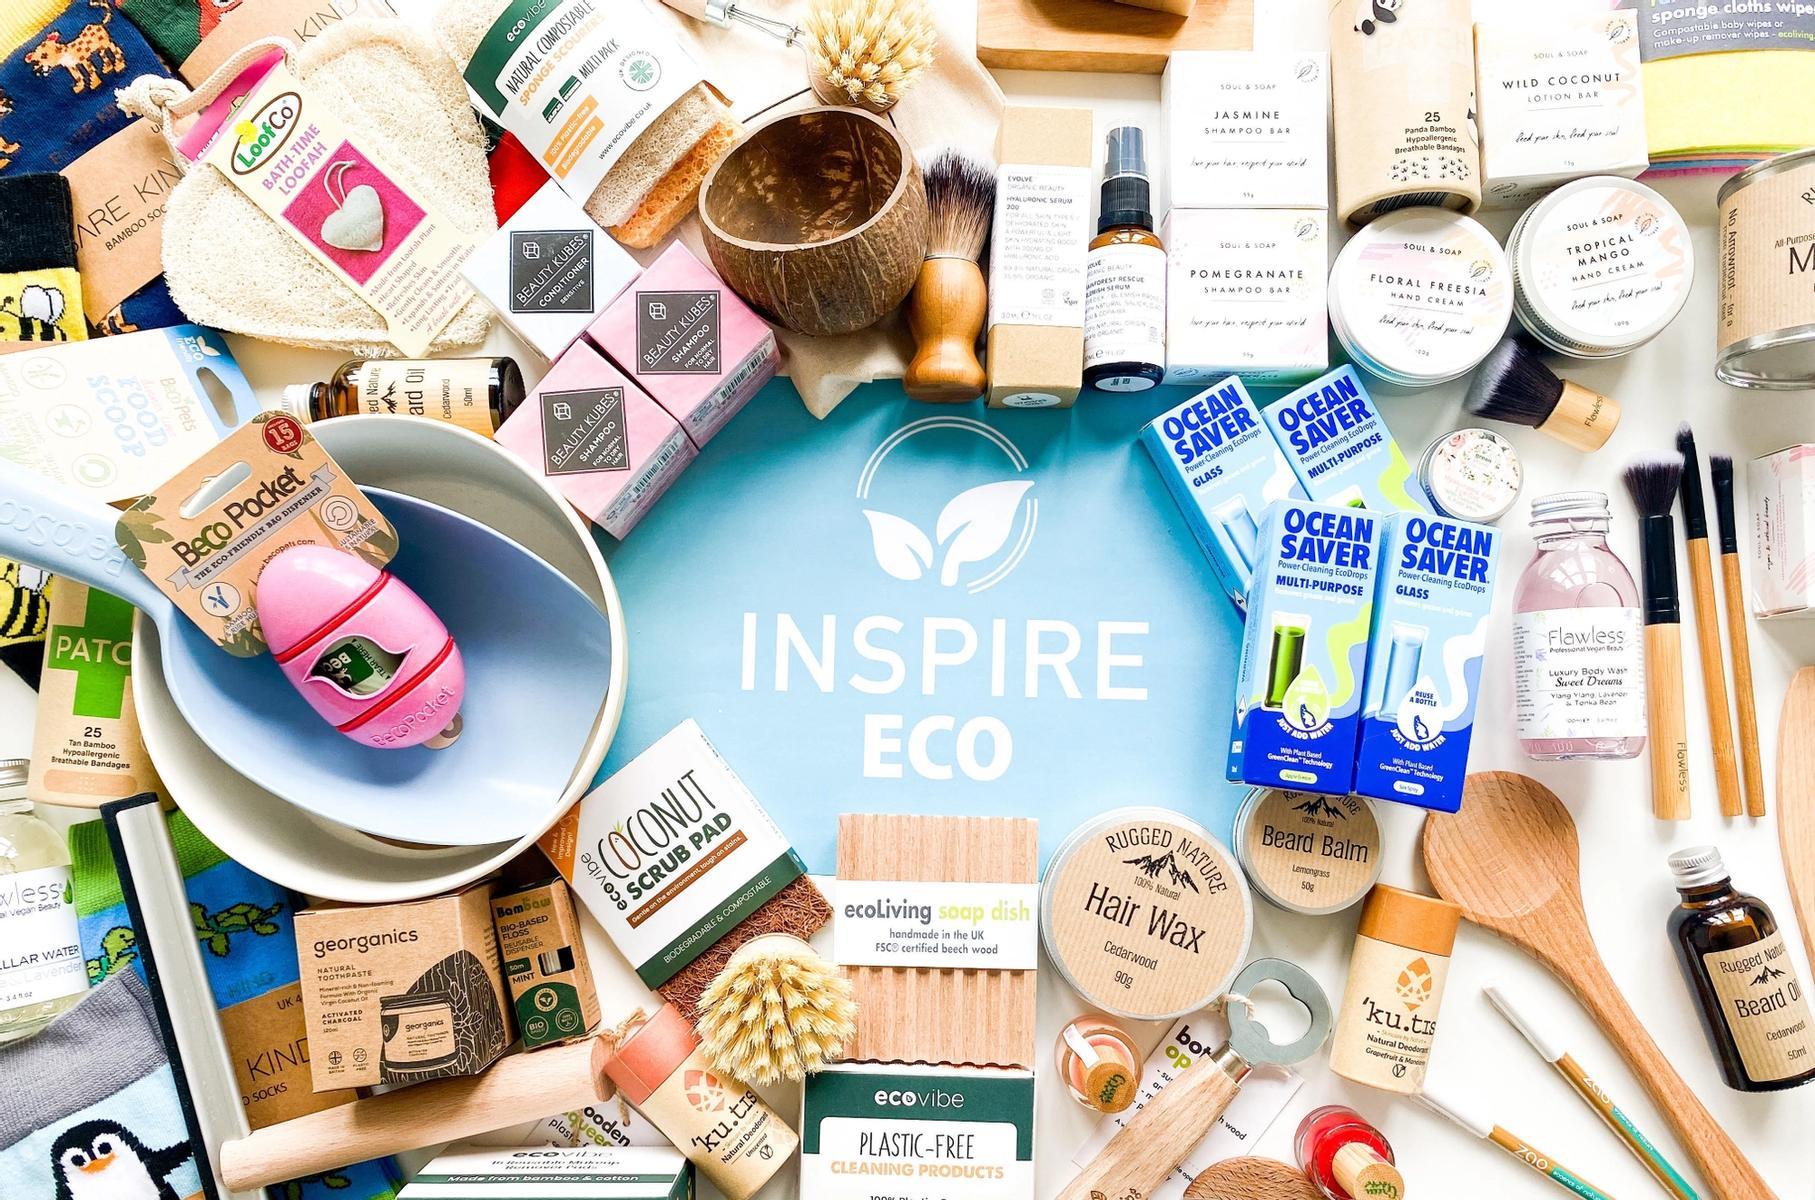 Inspire Eco